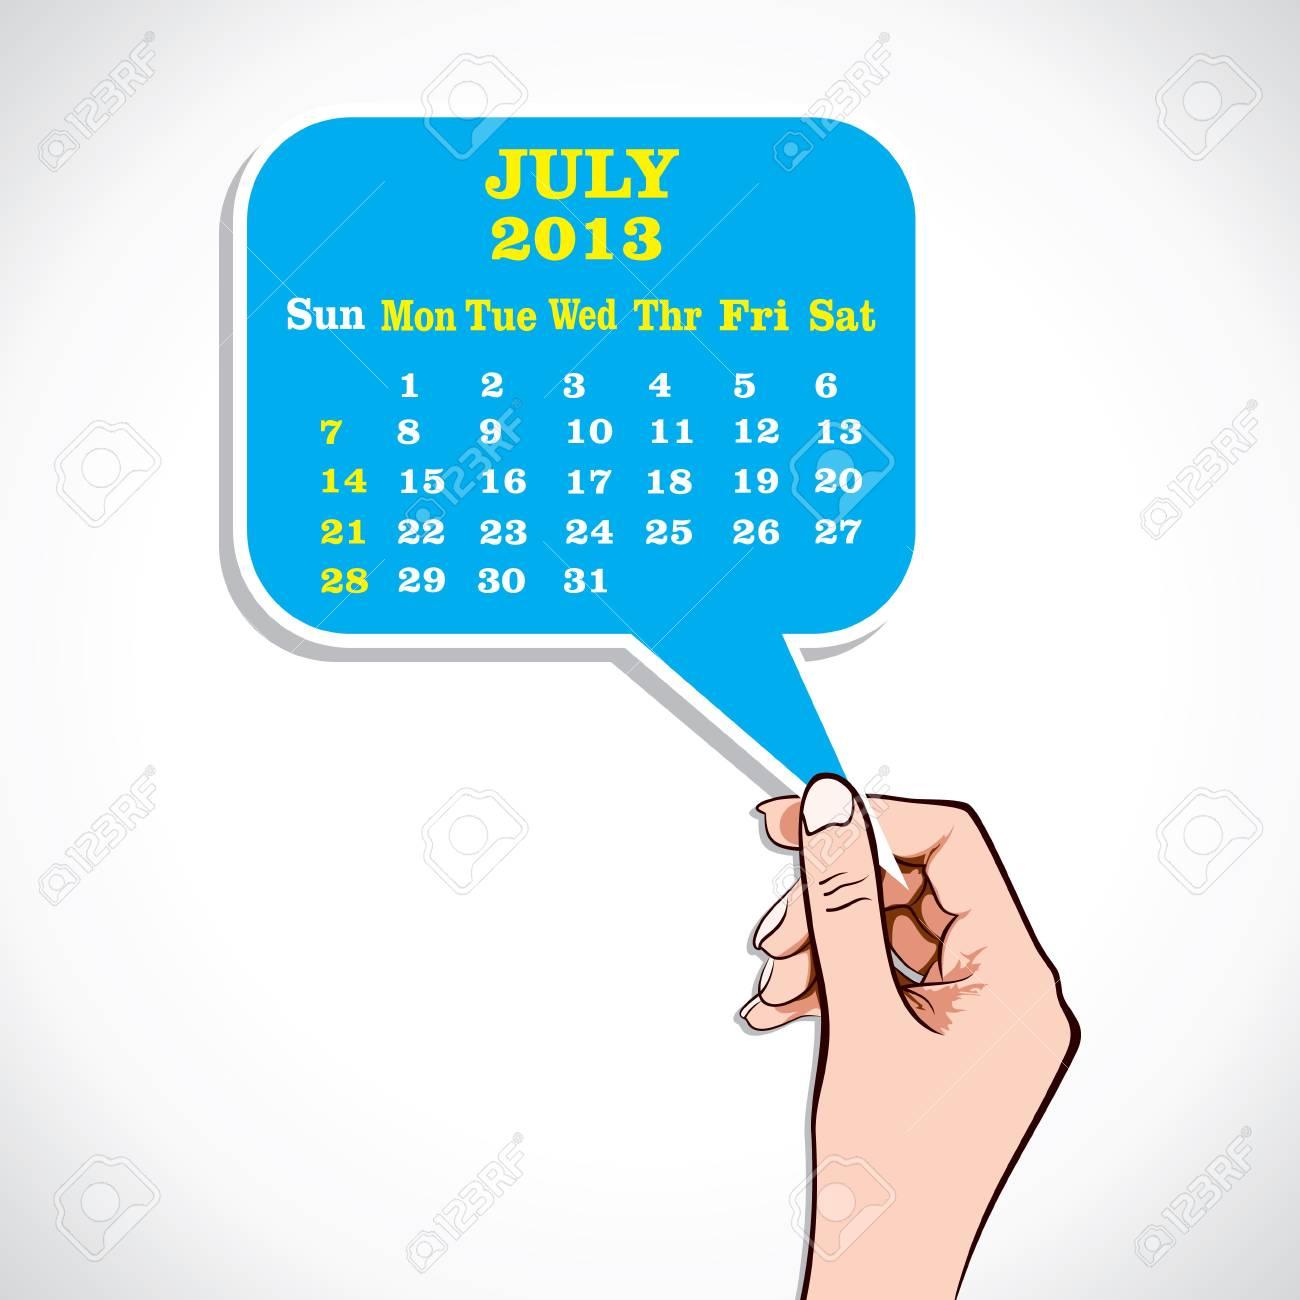 July 2013 Calender In Hand Stock Vector Stock Vector - 17218634